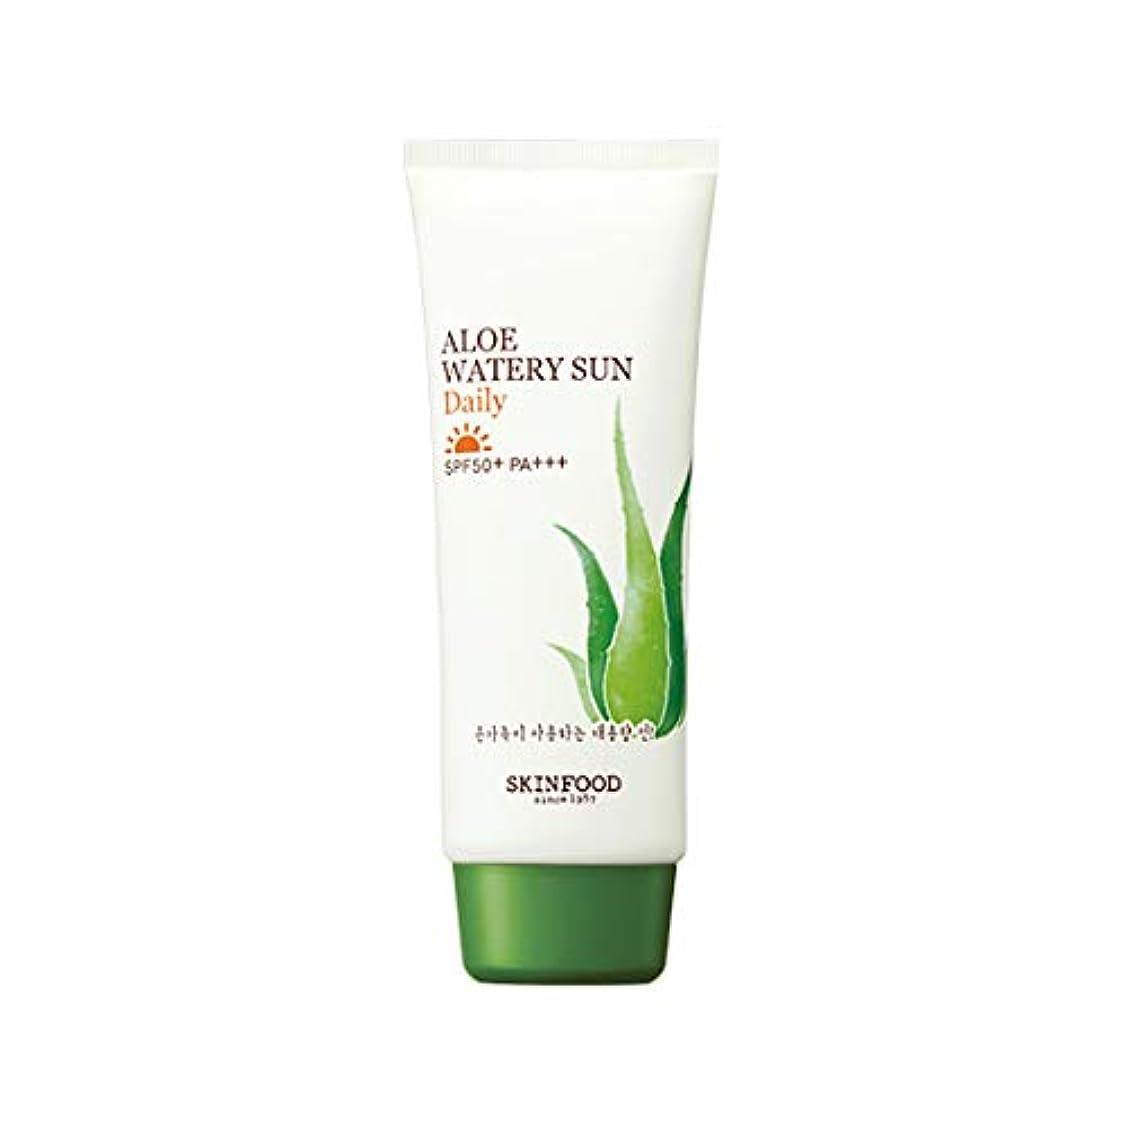 受付命題密Skinfood アロエウォーターサンデイリーSPF50 + PA +++ / Aloe Watery Sun Daily SPF50+ PA+++ 100ml [並行輸入品]